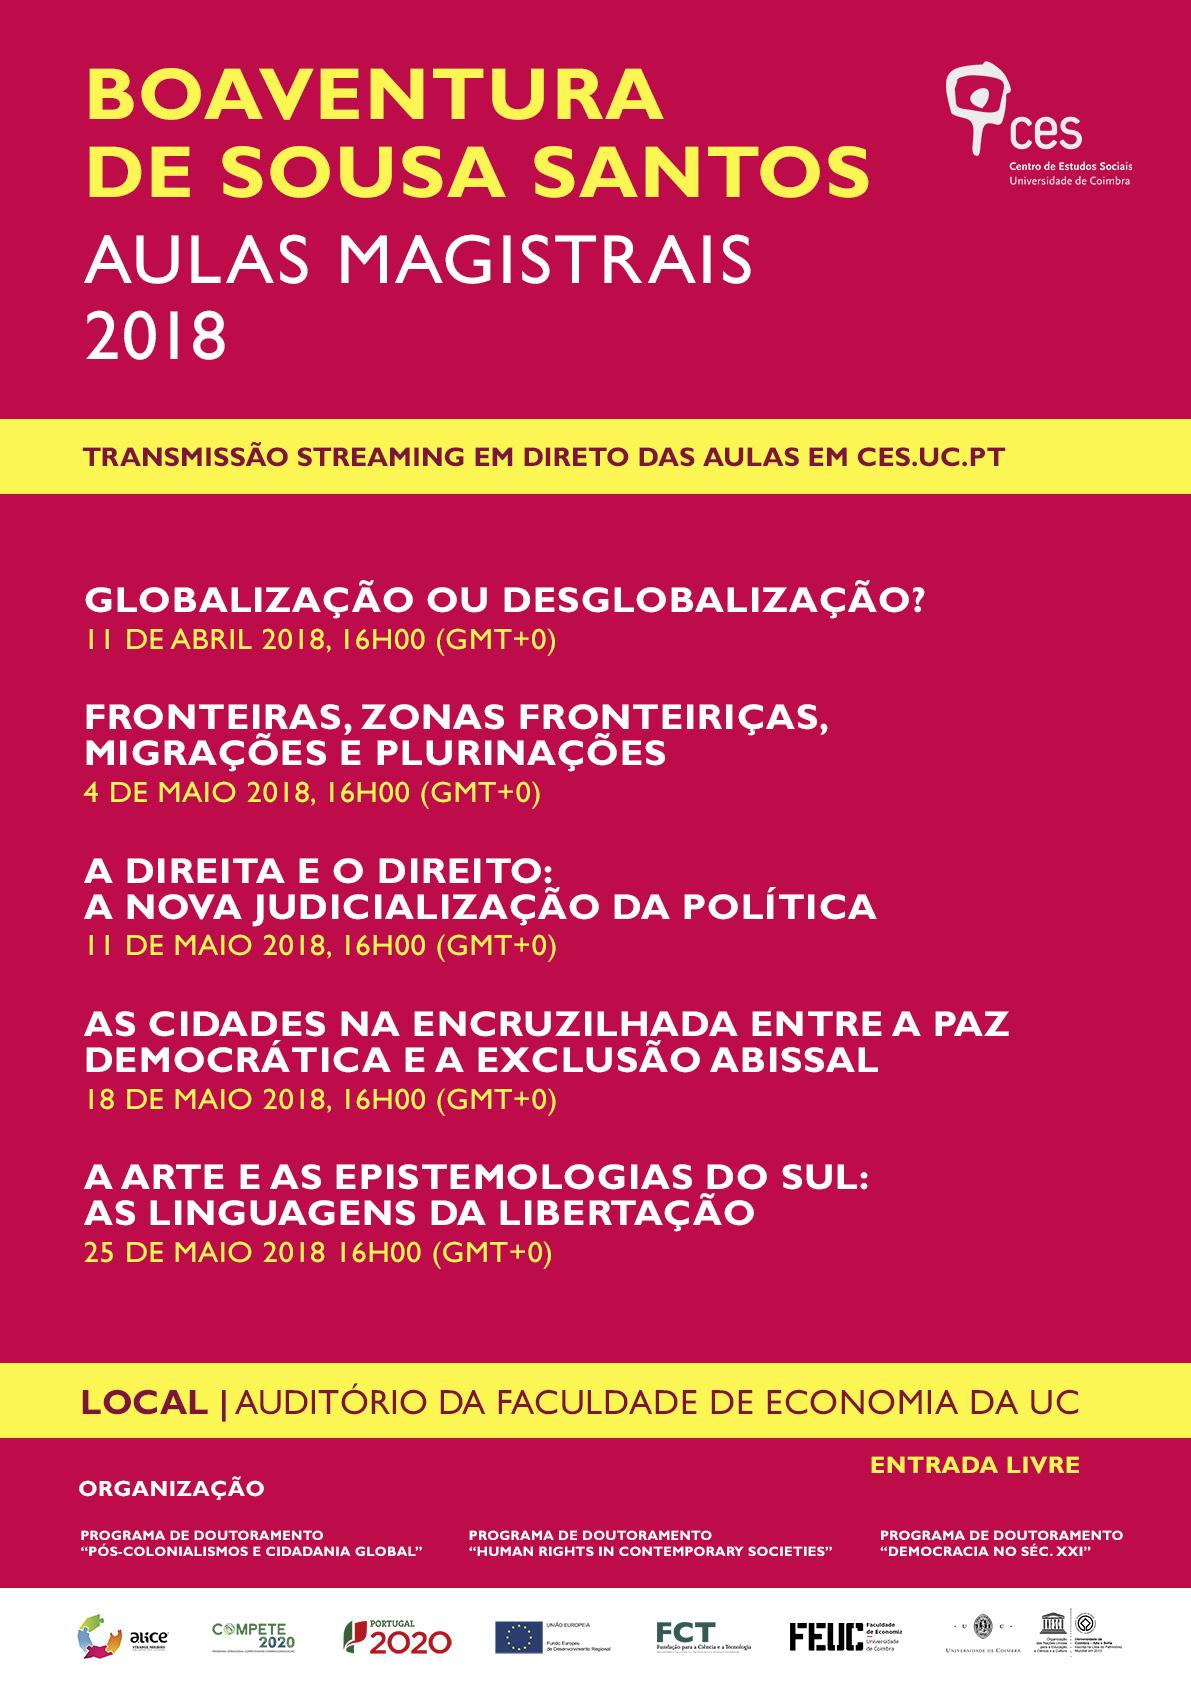 """Boaventura de Sousa Santos   Master Classes 2018<span id=""""edit_18819""""><script>$(function() { $('#edit_18819').load( """"/myces/user/editobj.php?tipo=evento&id=18819"""" ); });</script></span>"""